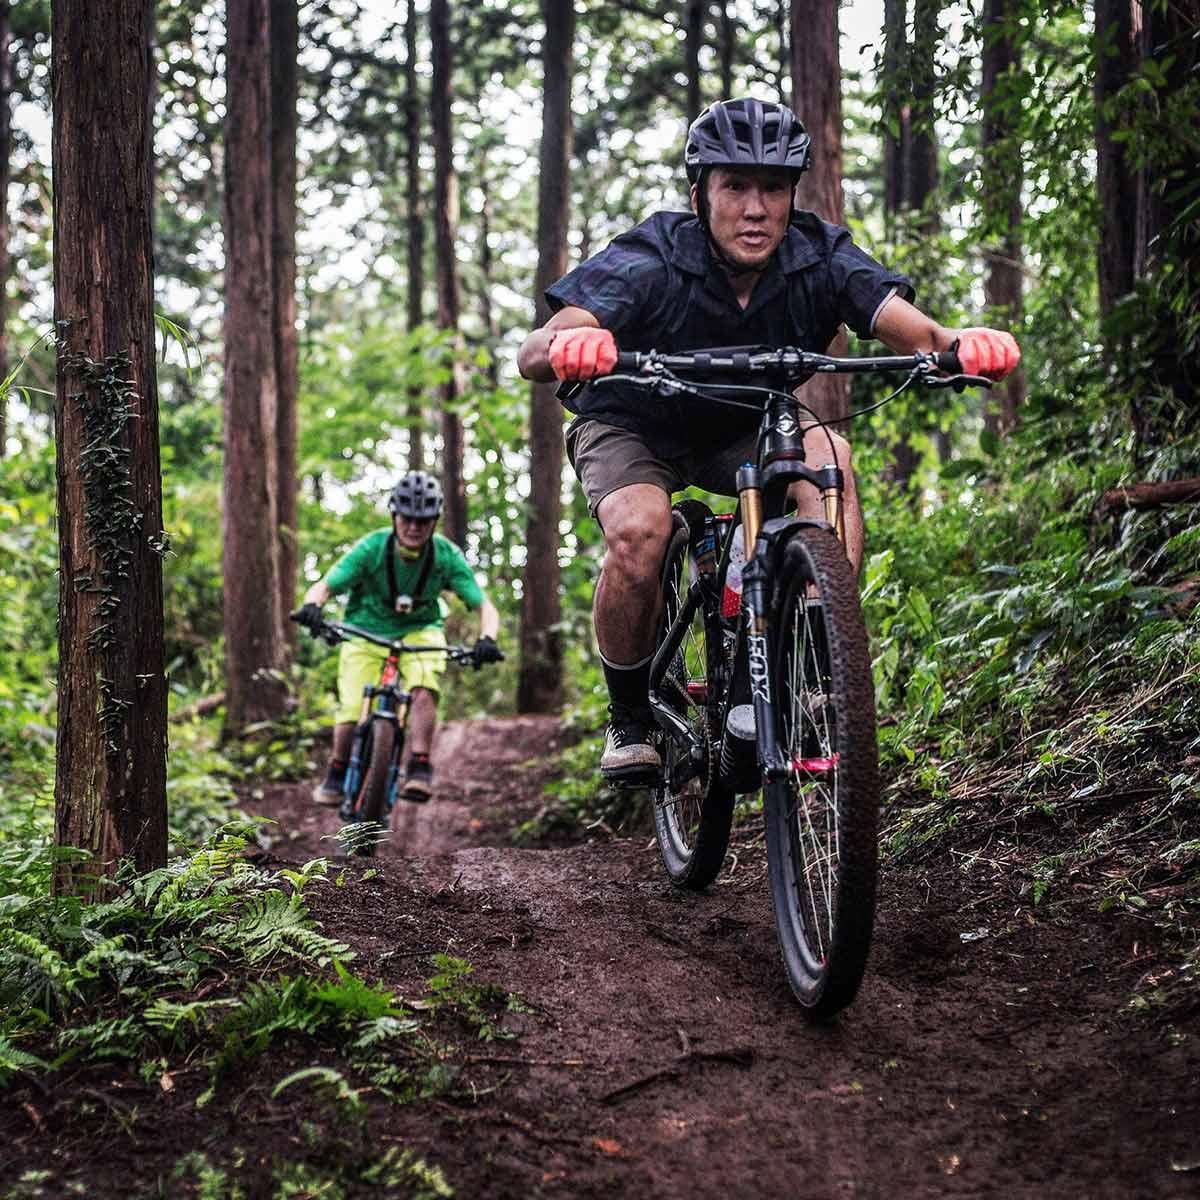 都心に一番近いマウンテンバイクトレイルコース「フォレストバイク」について